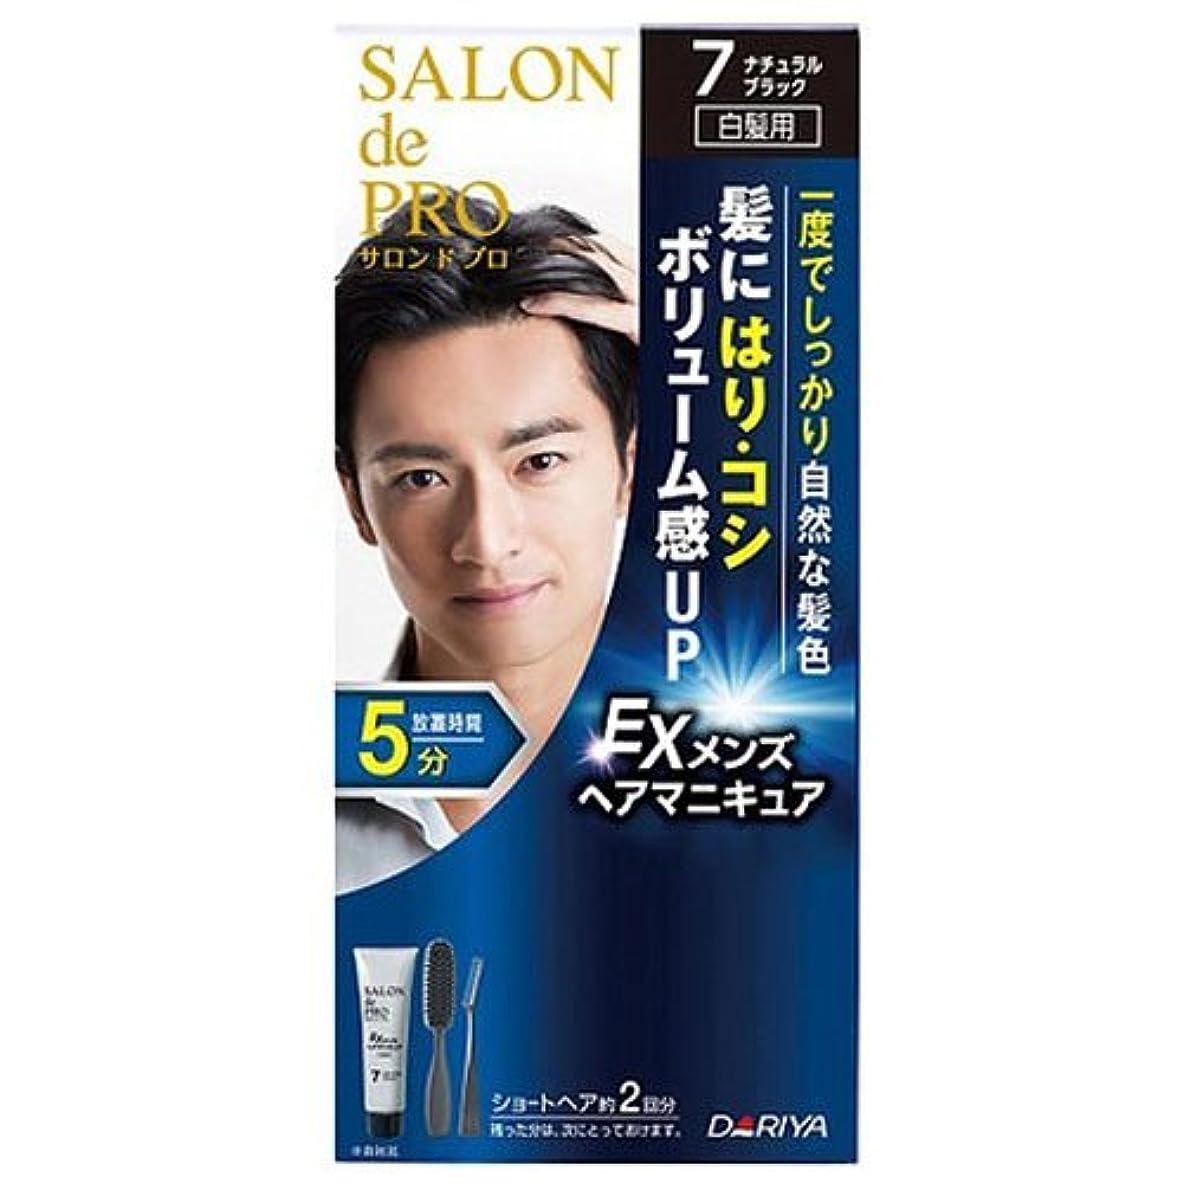 ガイドペルーとまり木サロンドプロ EXメンズヘアマニキュア 白髪用 7 ナチュラルブラック